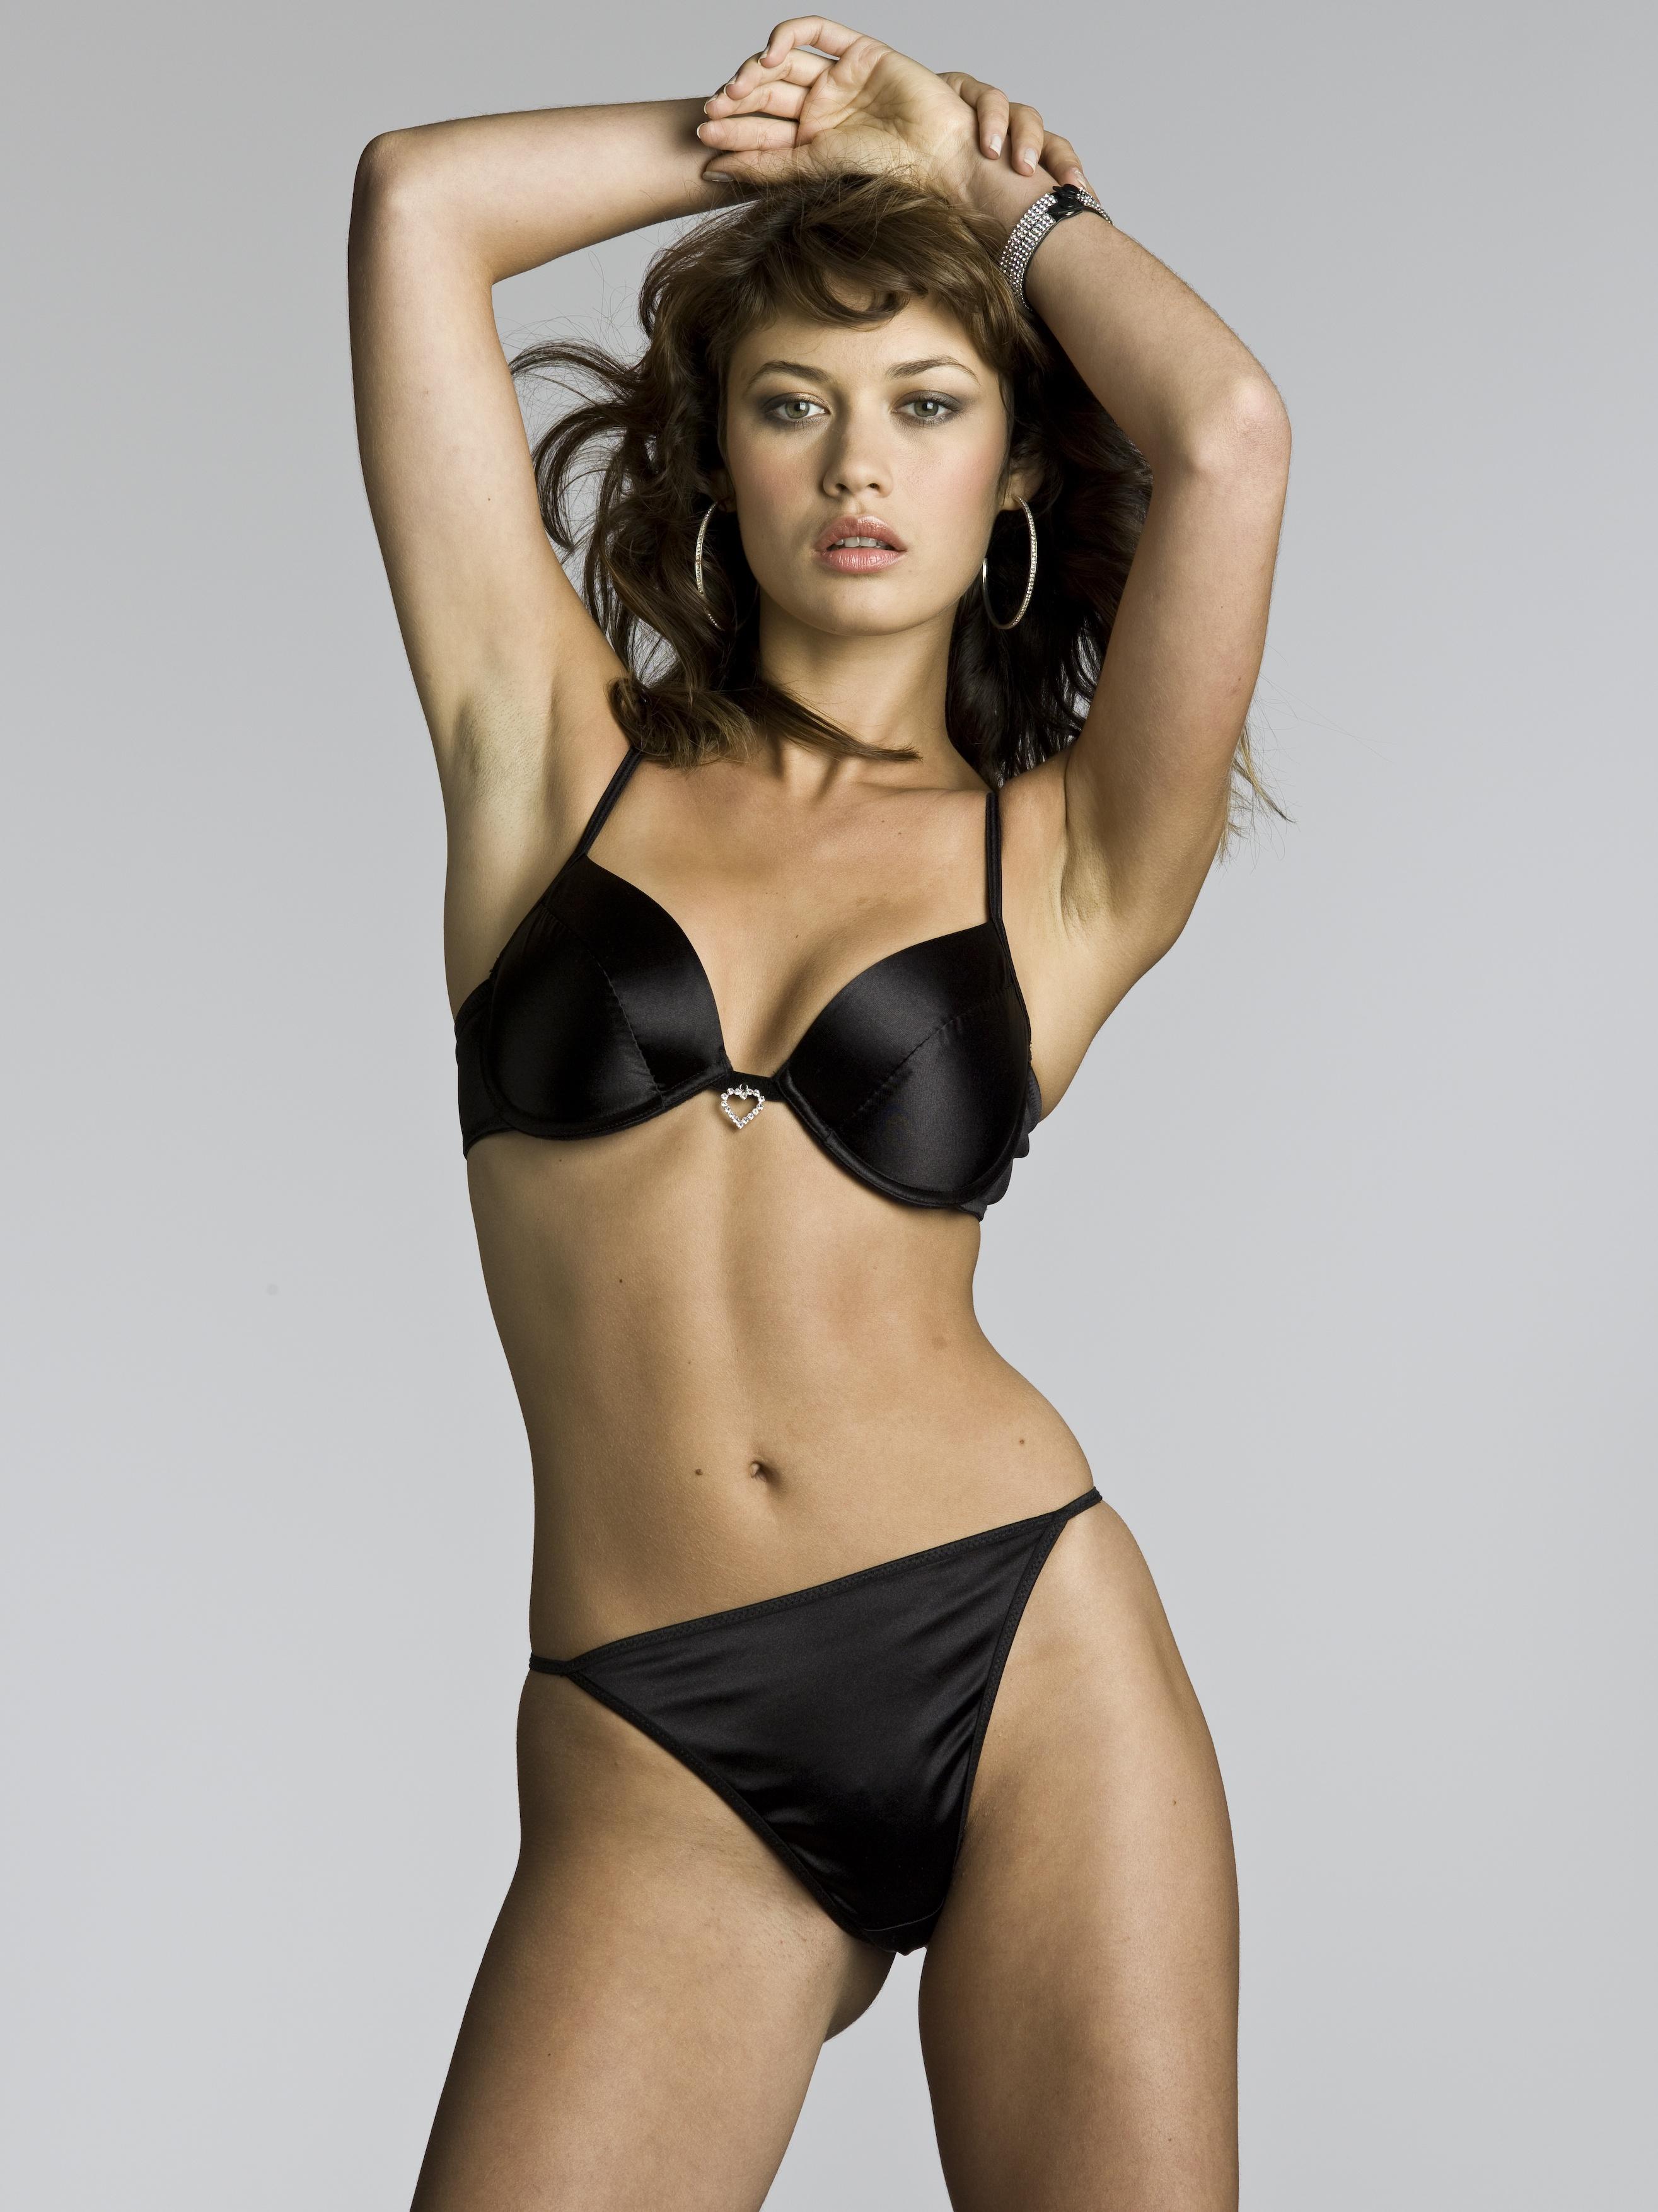 Olga Kurylenko Black Bra and Panties with Heart Shaped Diamente